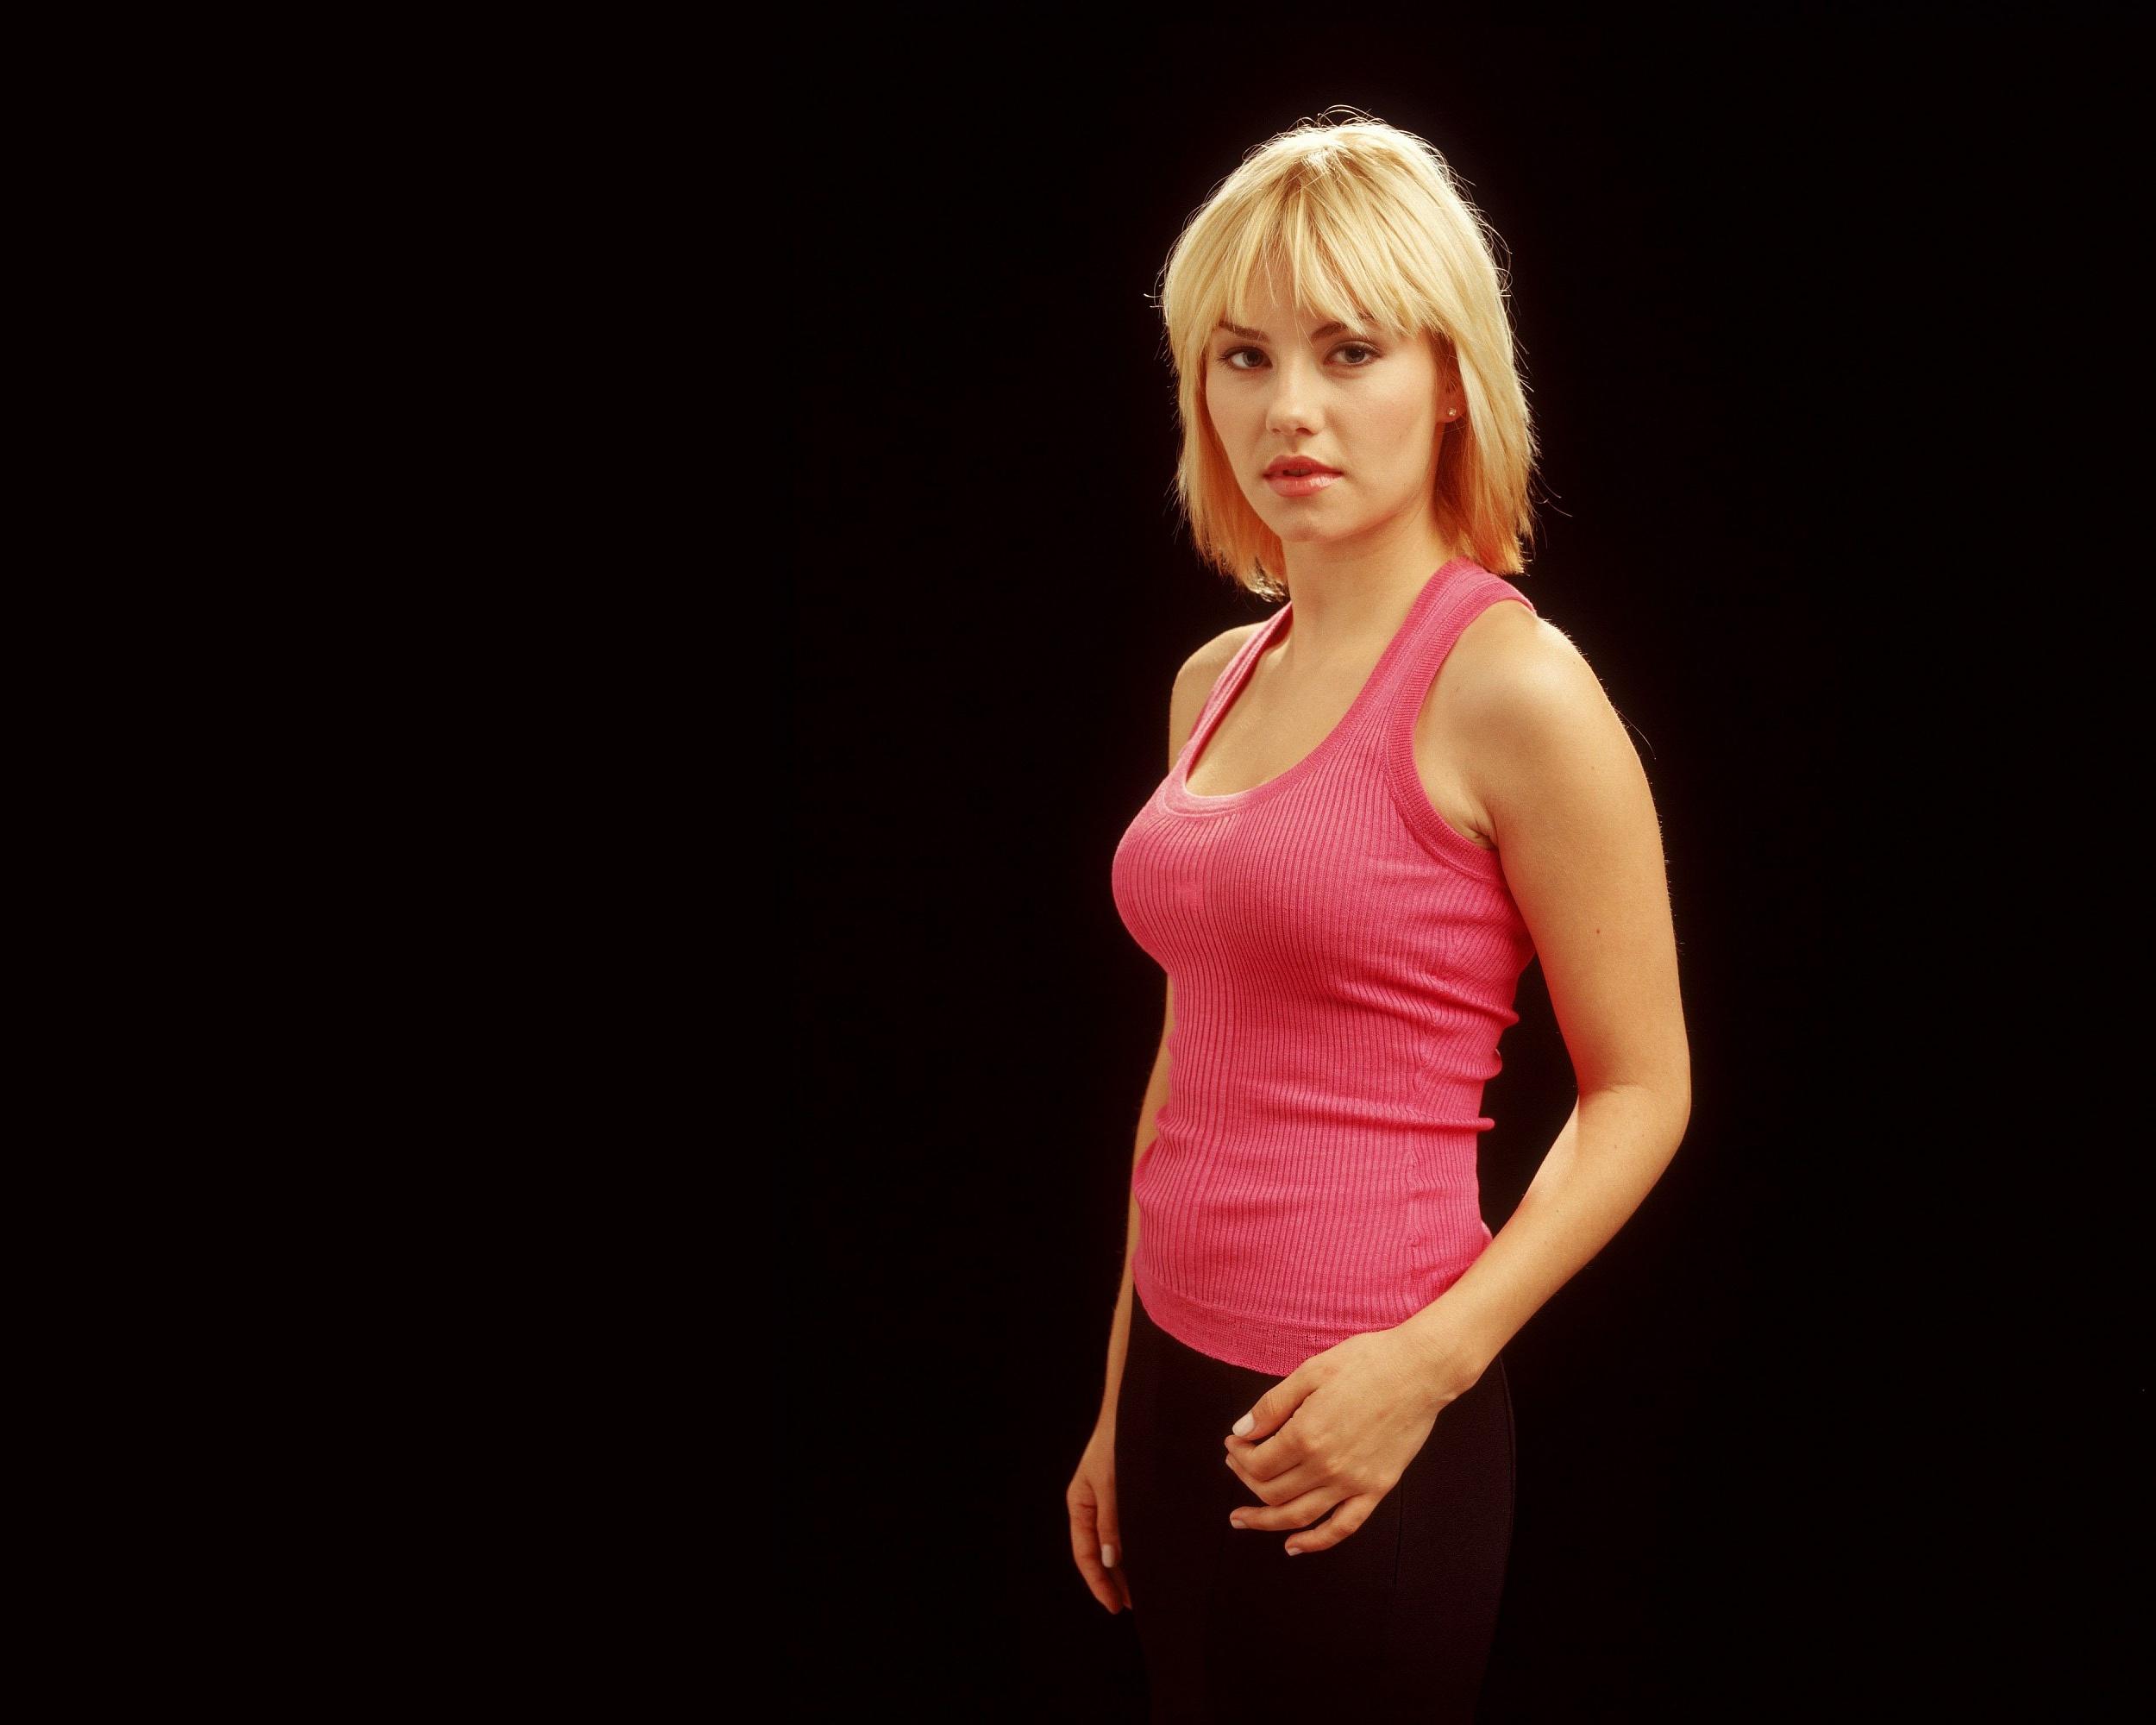 Elisha Cuthbert Actress Canadian Blonde Short Hair Wallpaper Resolution 2500x2000 Id 750483 Wallha Com